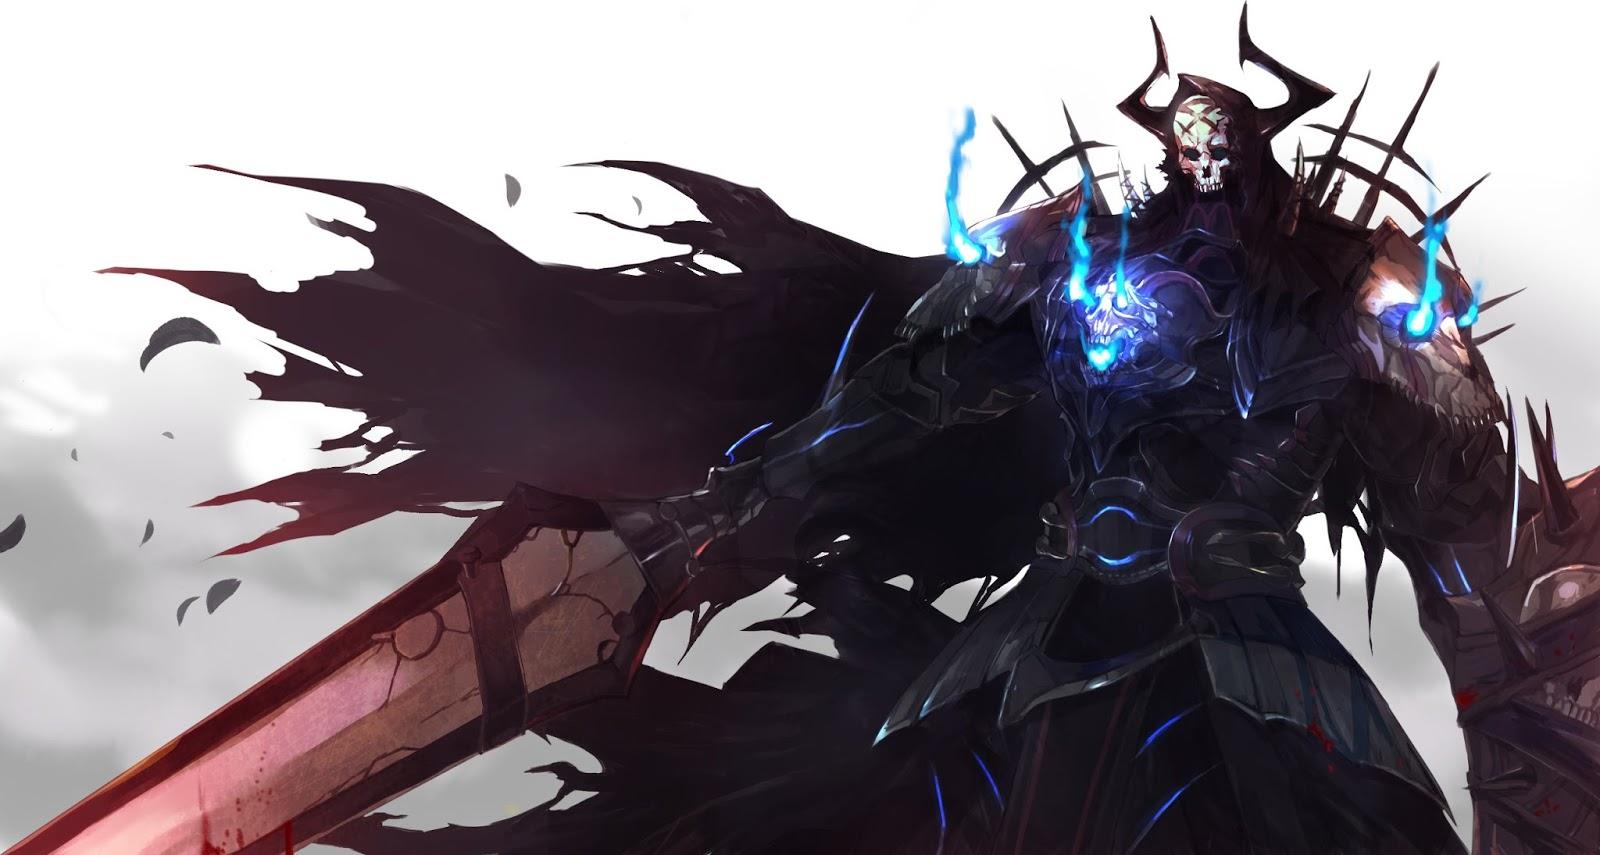 Fate AowVN%2B%252856%2529 - [ Hình Nền ] Anime Fate/GrandOrder tuyệt đẹp Full HD | Wallpaper